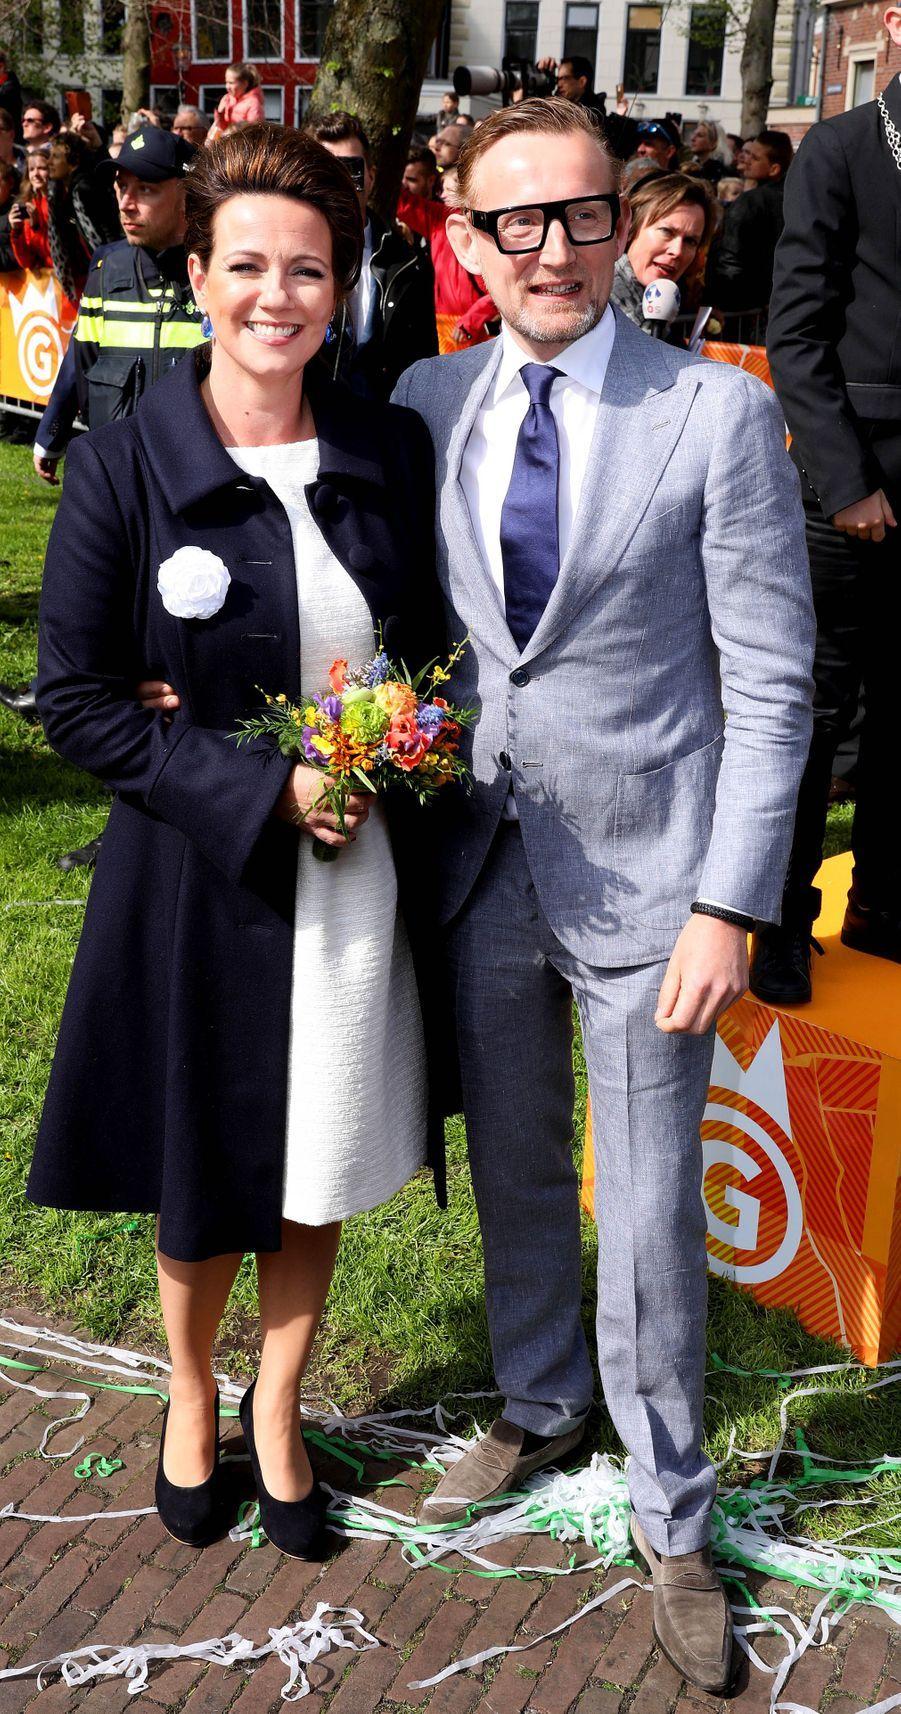 La princesse Annette et le prince Bernhard des Pays-Bas, à Groningen le 27 avril 2018